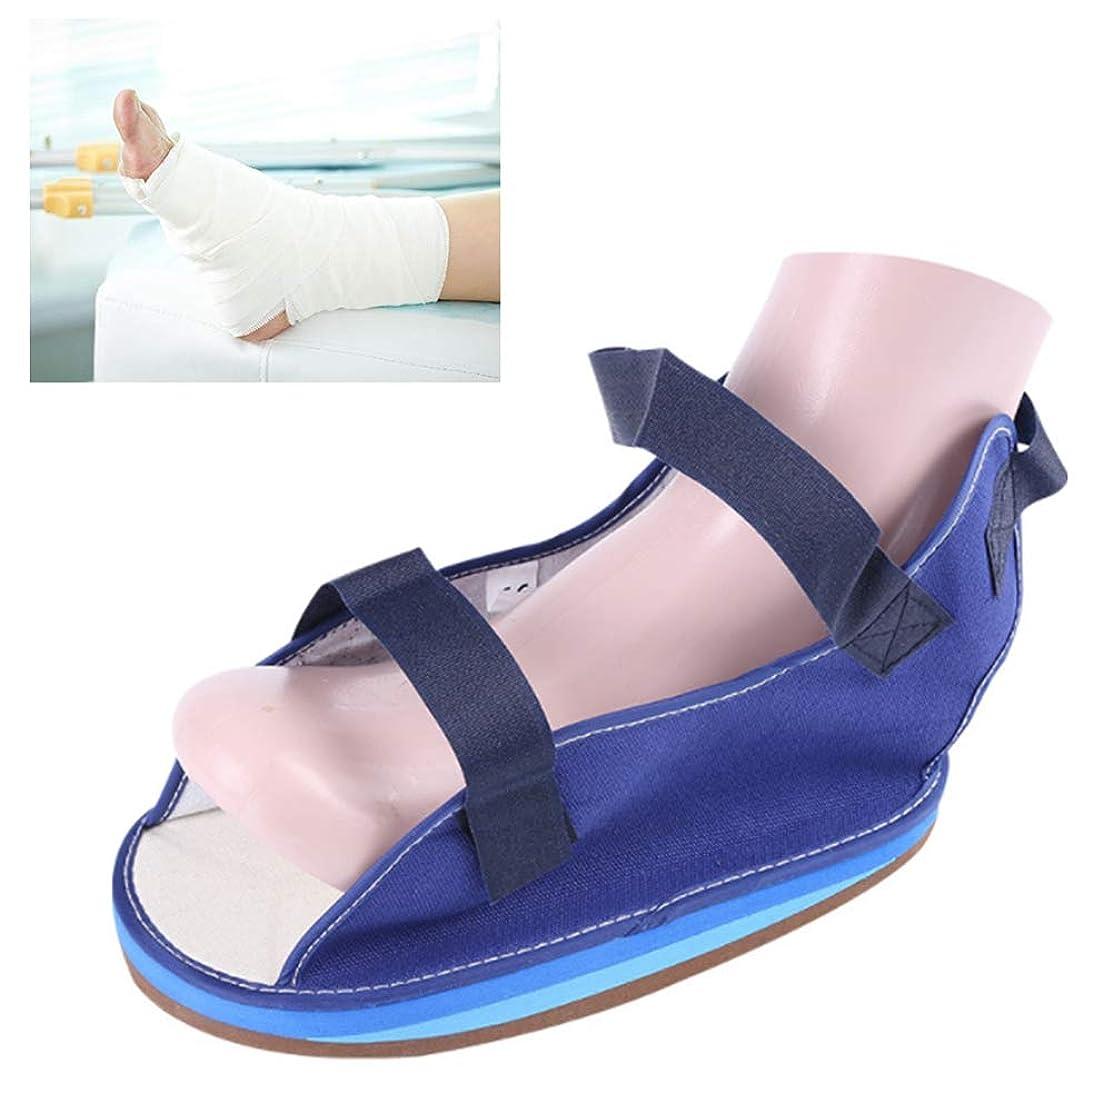 ブラウス精査する典型的なキャスト医療靴術後歩行ブートヒーリングリハビリ石膏靴外科的骨折足用靴,30cm2pcs